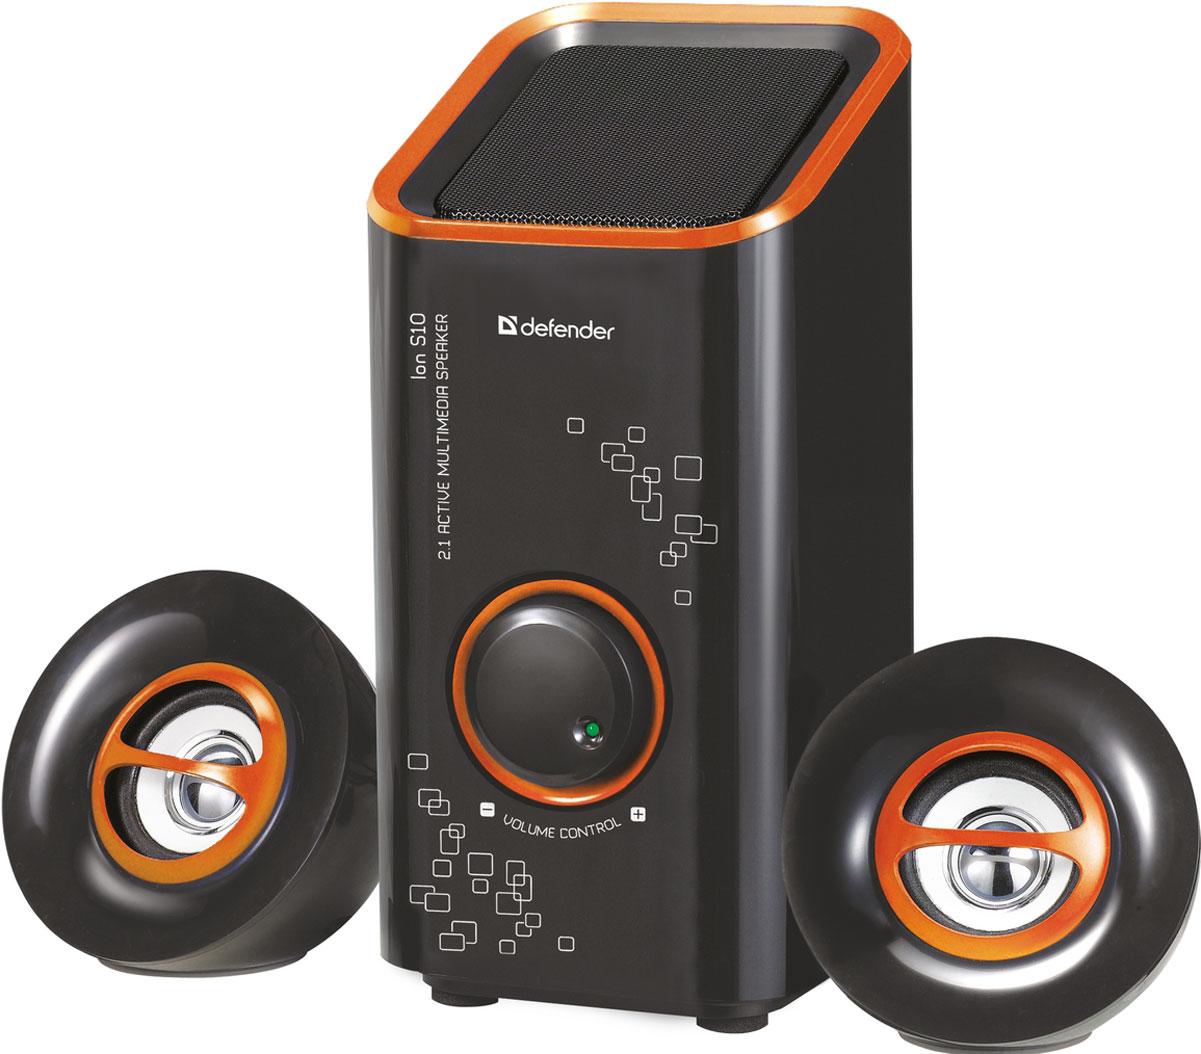 Defender ION S10, Black акустическая система 2.1ION S10, BlackDefender ION S10 - компактная акустическая система 2.1.Компактные размеры Акустическая система займет минимум места на рабочем столе.Регулятор громкости Регулятор громкости расположен на передней панели сабвуфера. Вам больше не придется переключаться на управление вашим медиаплеером, чтобы изменить громкость.Магнитная экранировка Четкая картинка без помех гарантирована даже при расположении колонок в непосредственной близости от монитора.